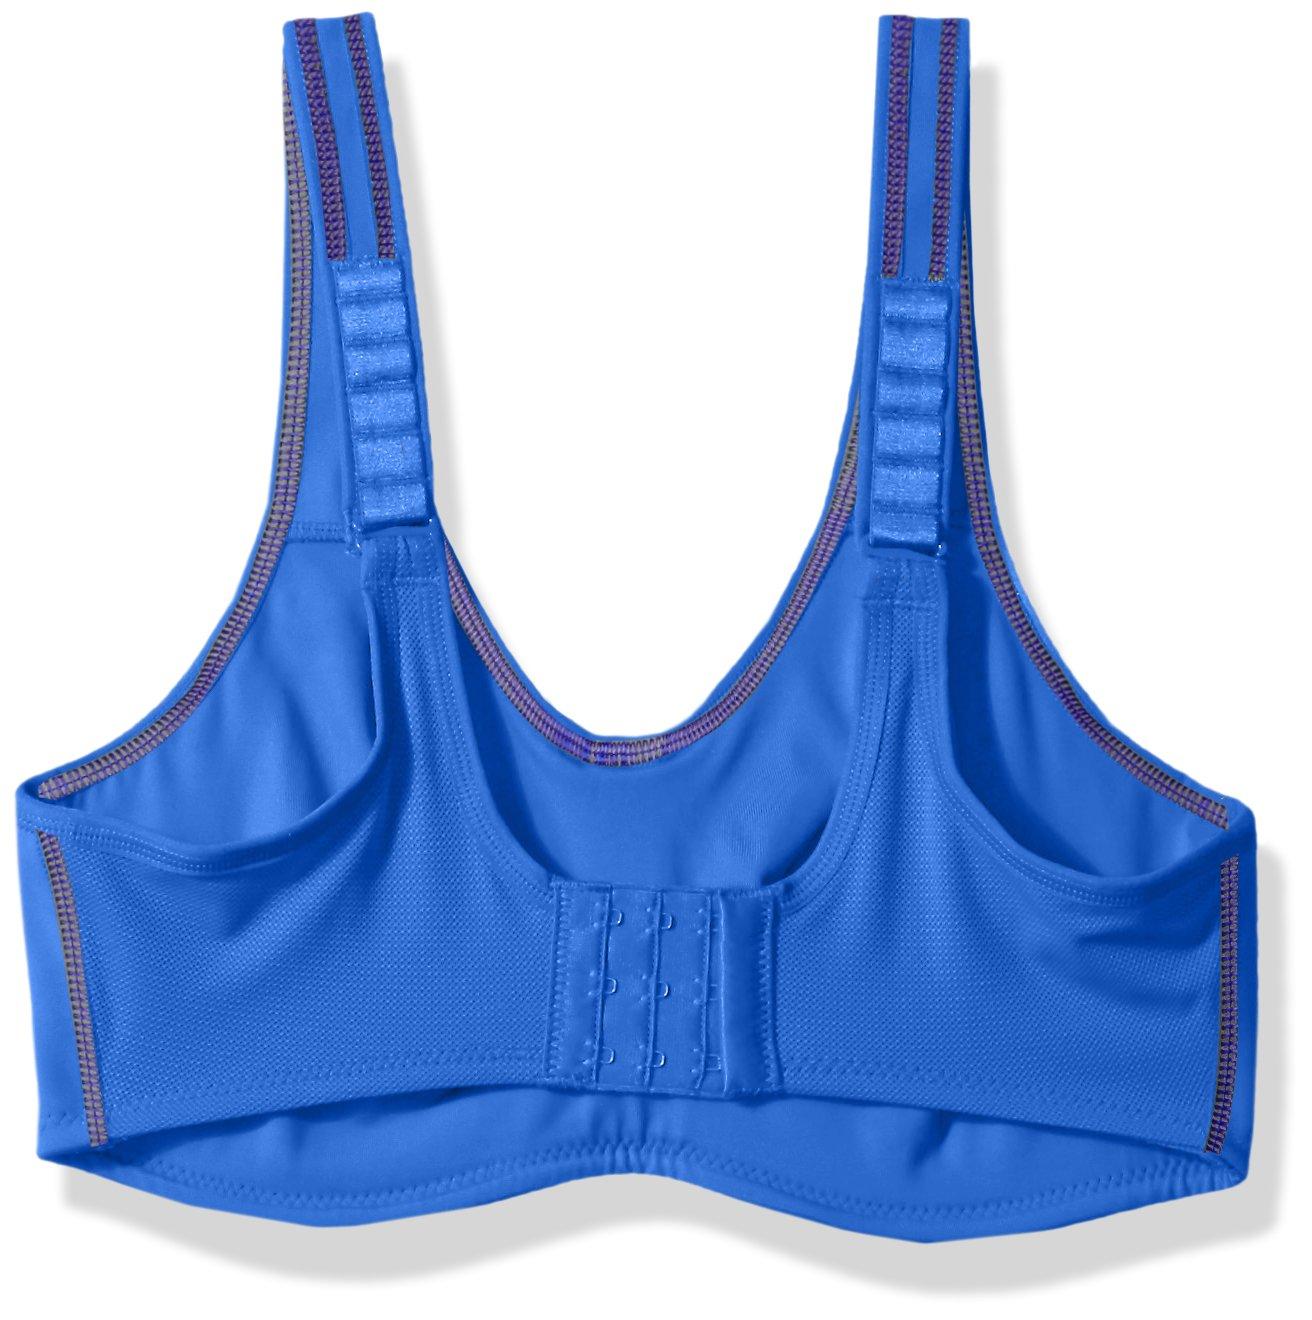 Wacoal Women's Sport Underwire Bra, Dazzling Blue/Grey by Wacoal (Image #2)